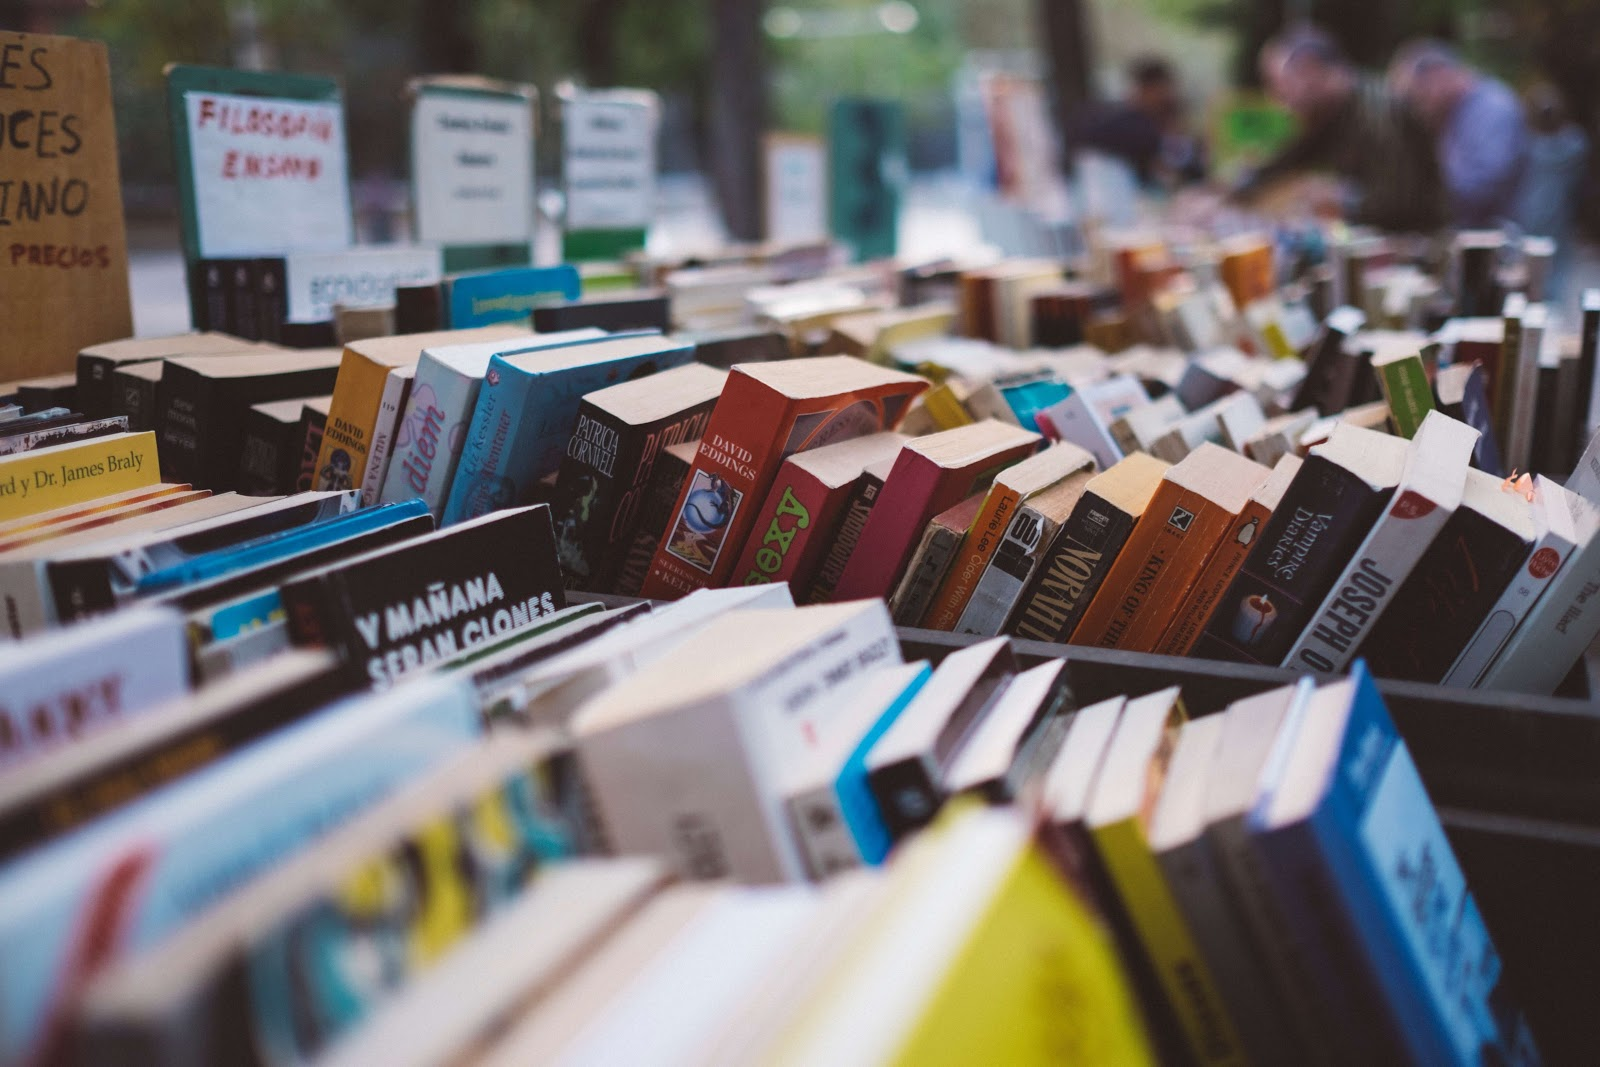 7 Páginas Para Leer Y Descargar Ebooks En Inglés Gratis El Blog De Idiomas